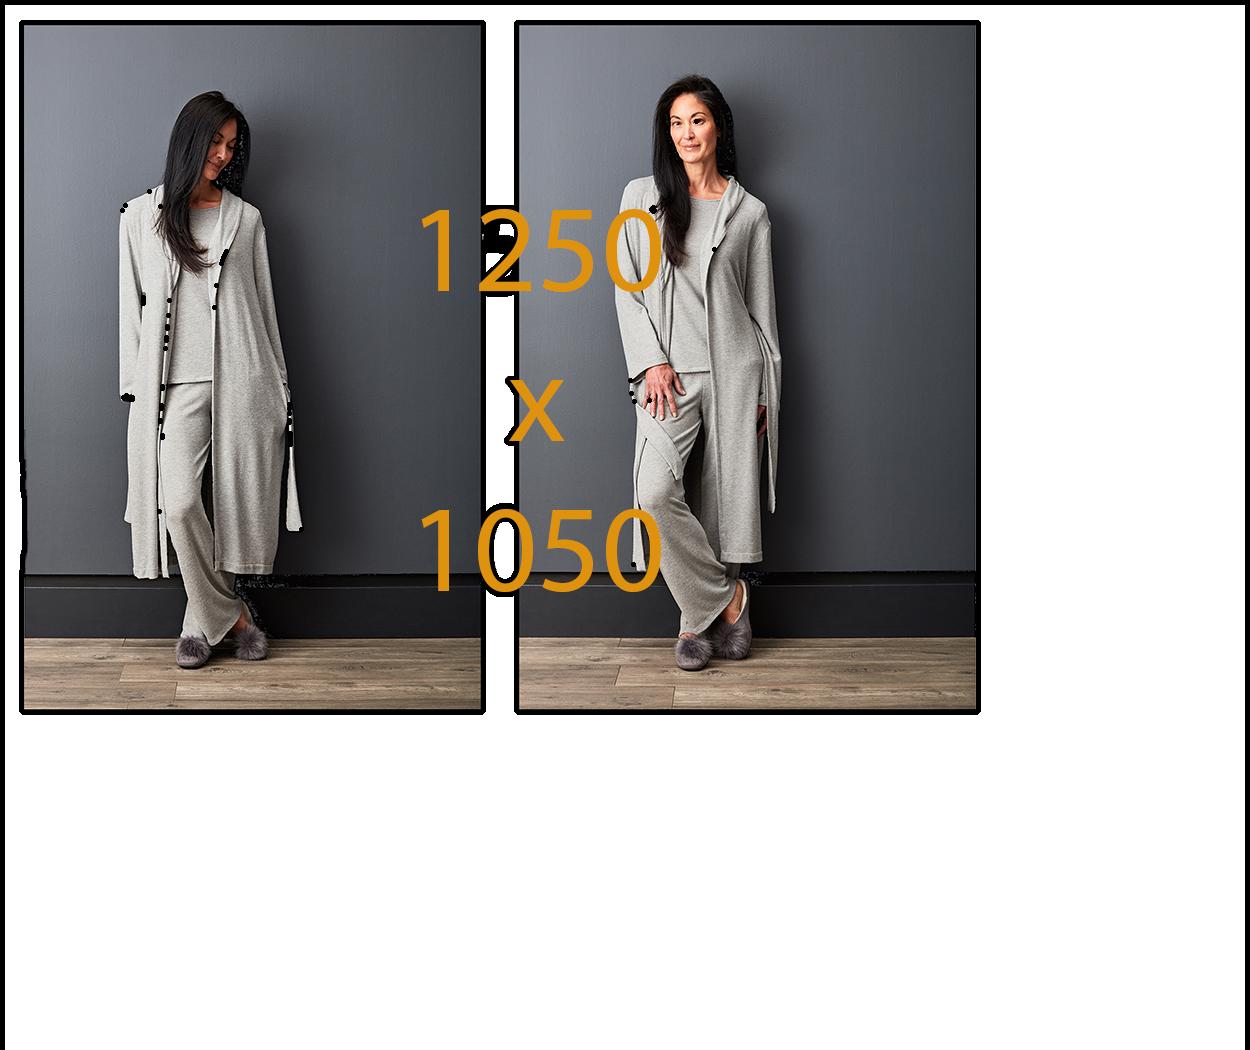 darlene1250x1050.jpg